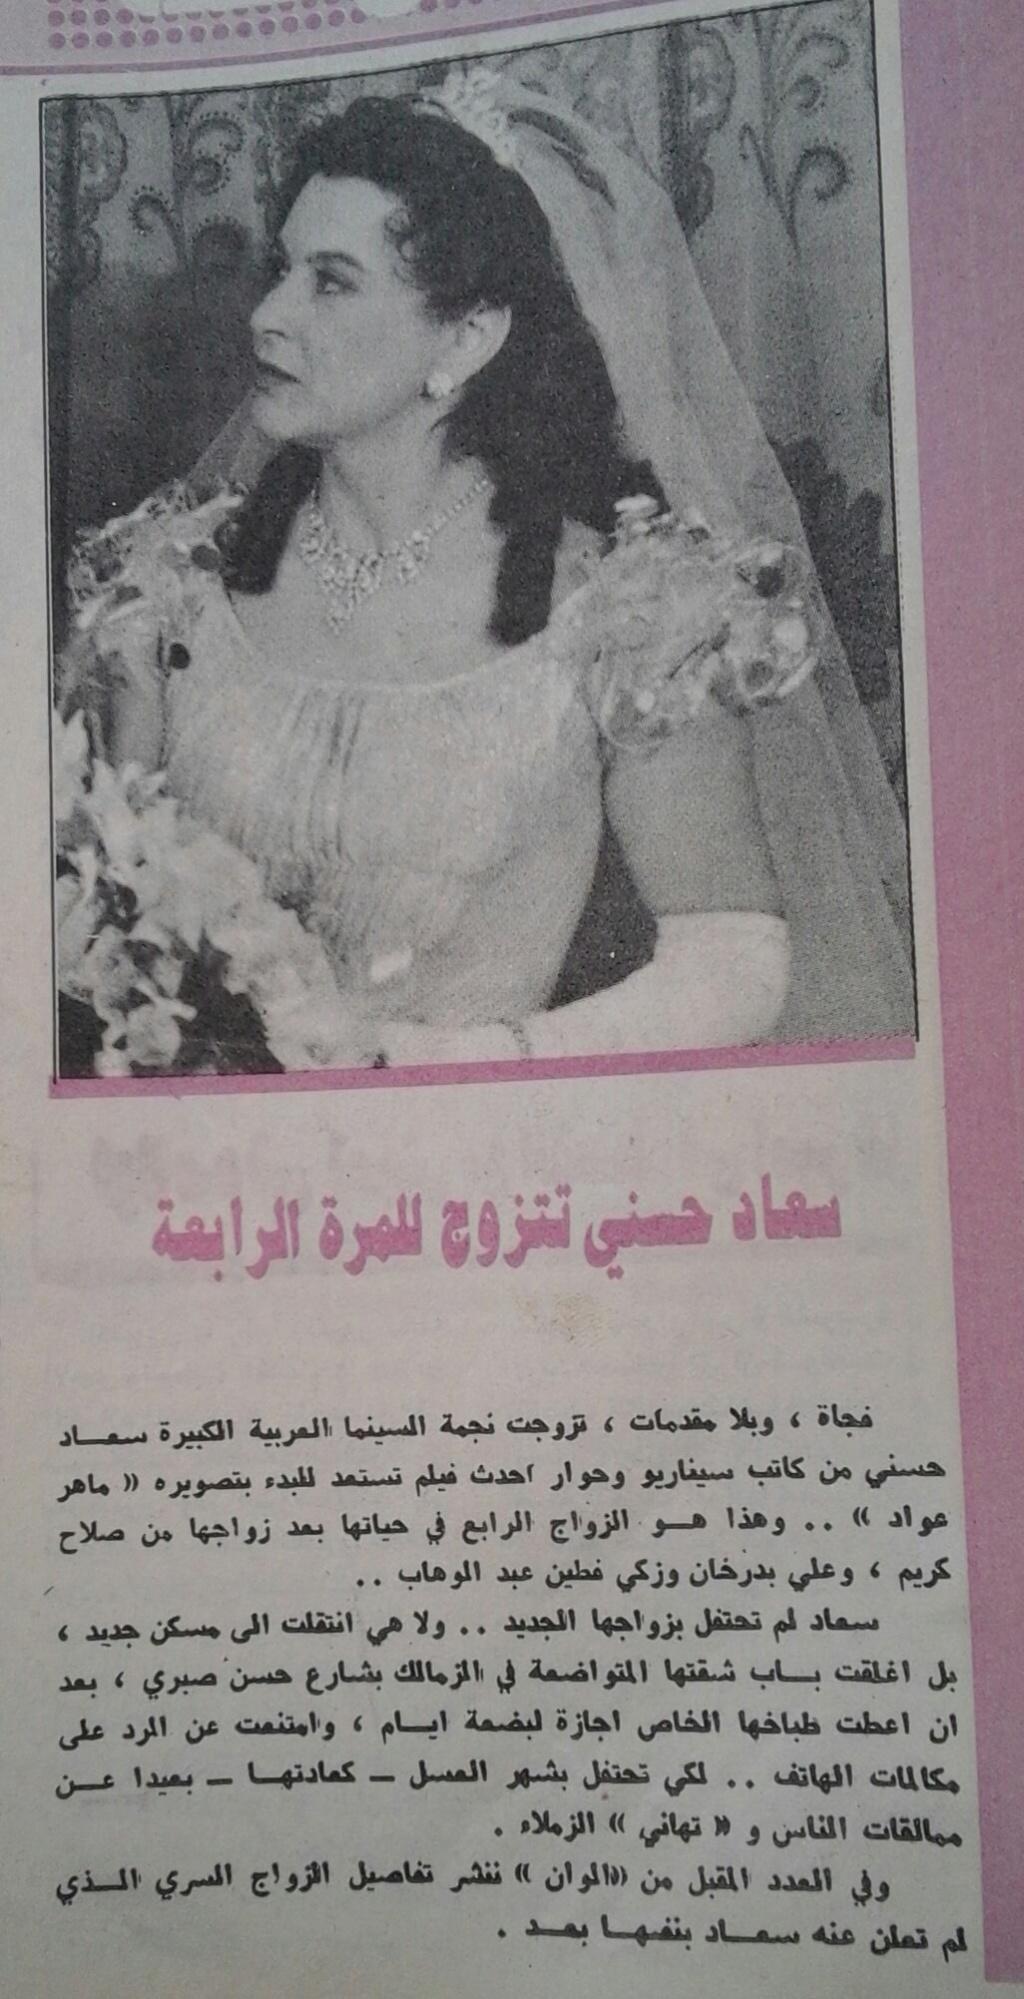 خبر صحفي : سعاد حسني تتزوج للمرة الرابعة 1987 م C_yao_11